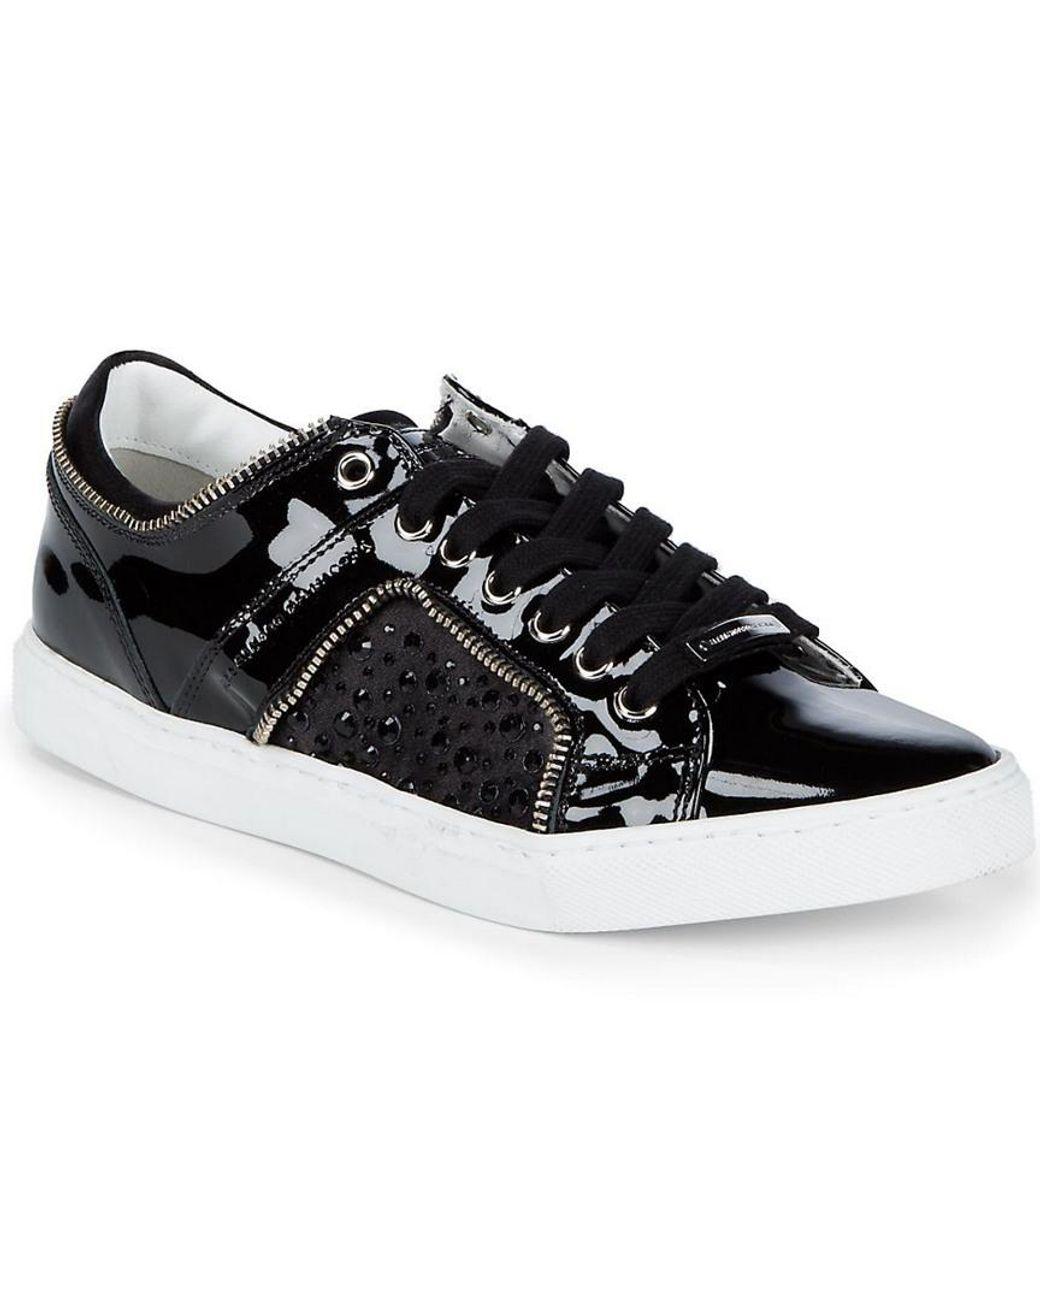 Alessandro DellAcqua Fashion-Sneakers Womens Suede Blue